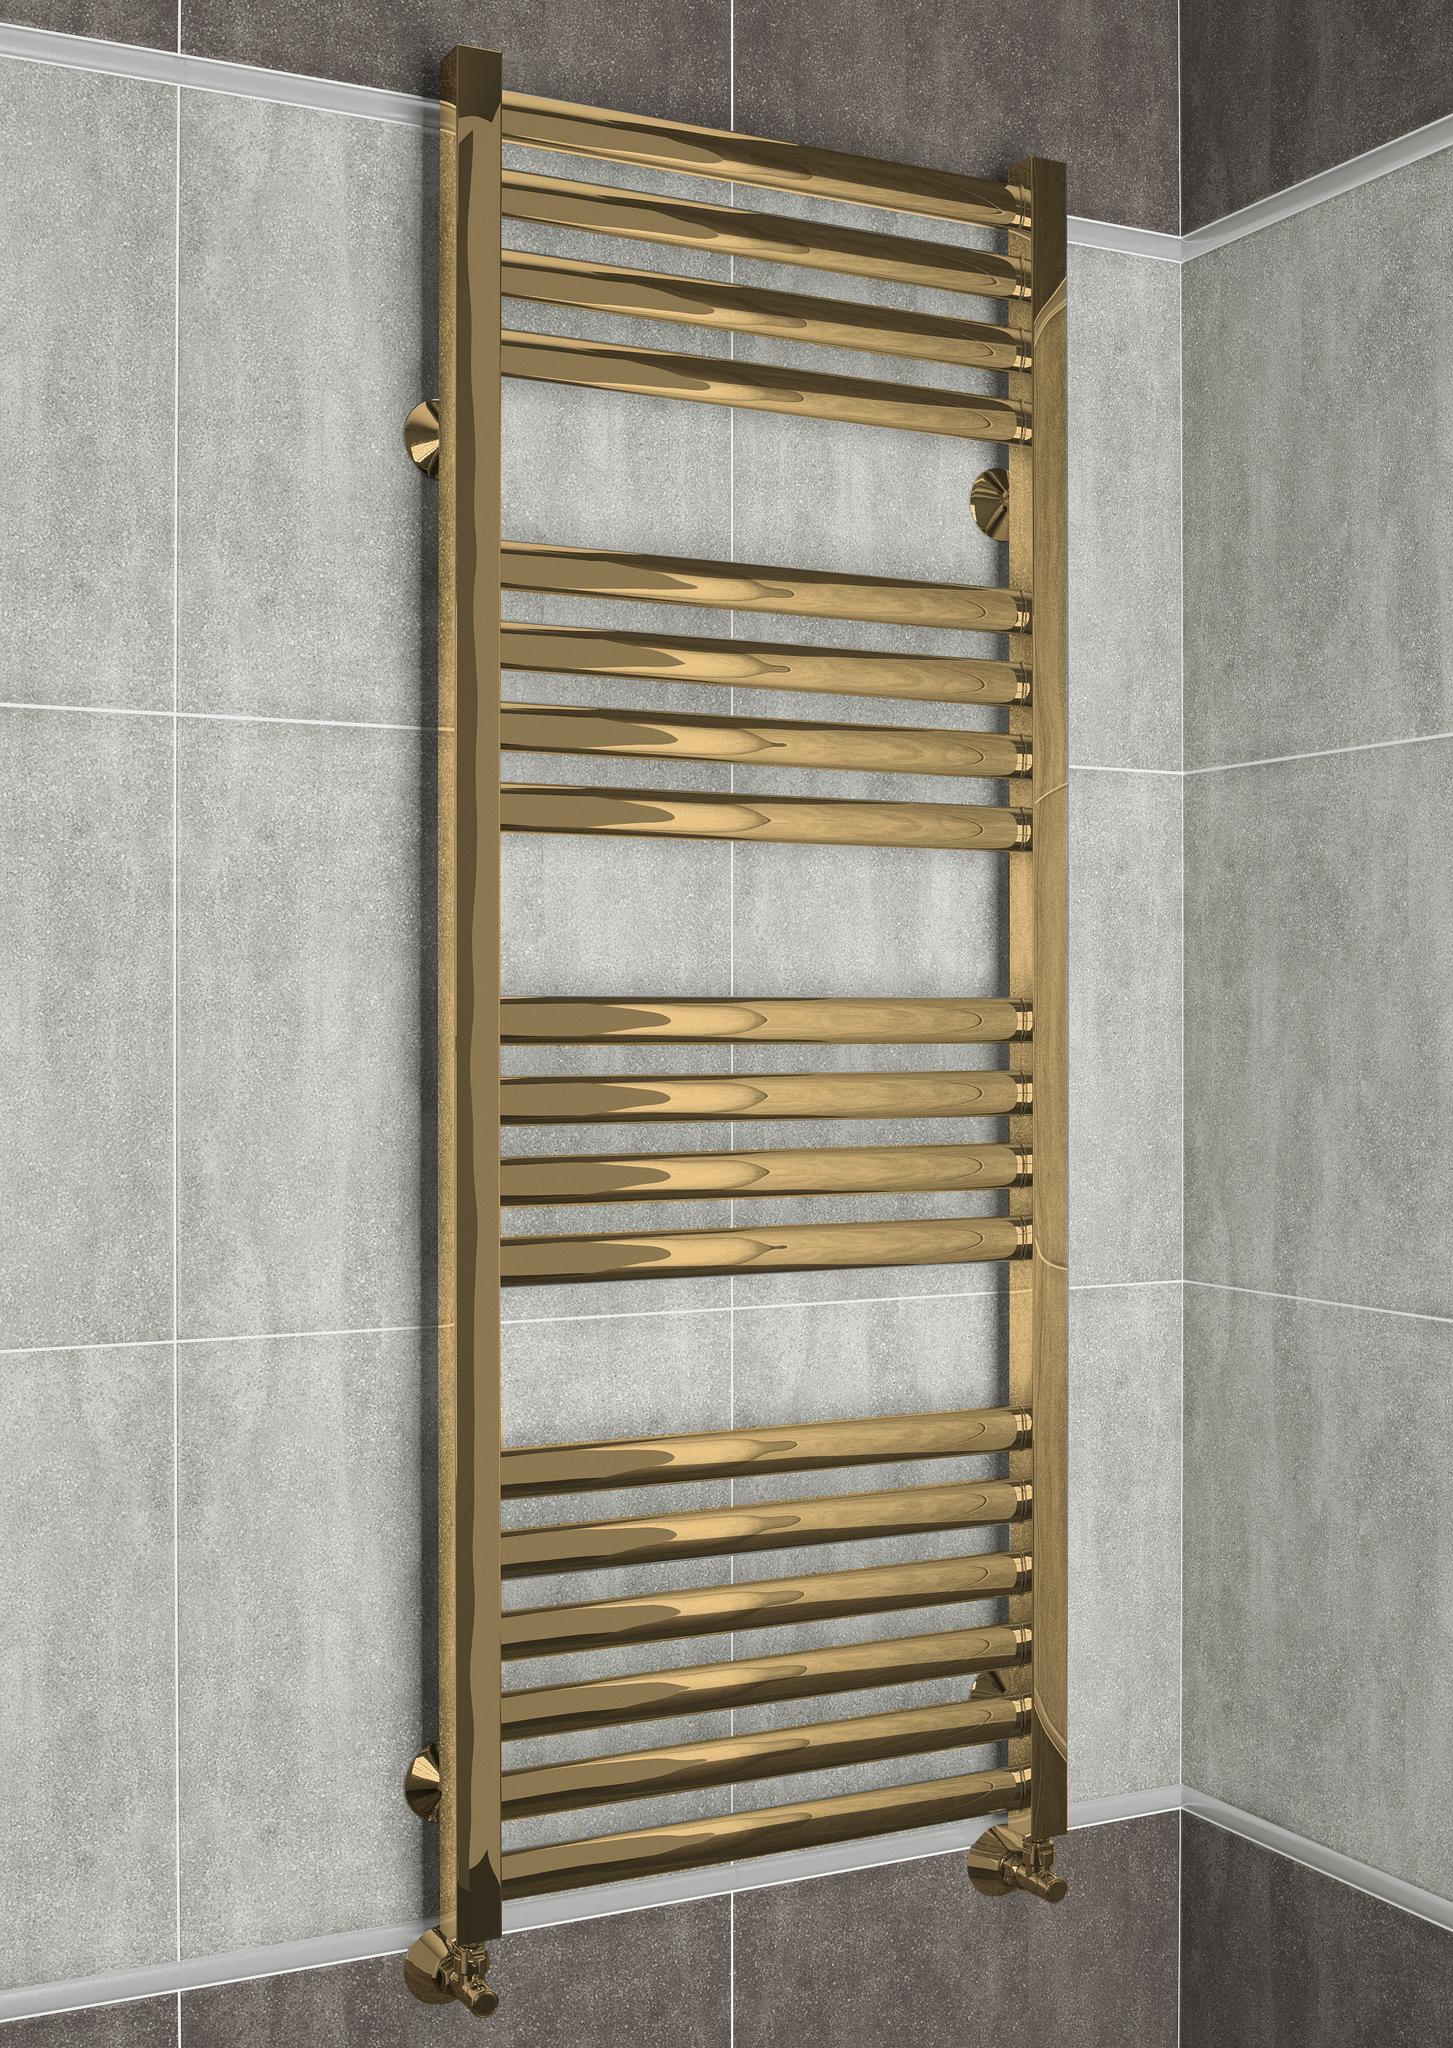 Greta Bronze - бронзовый полотенцесушитель с квадратными вертикалями. Бронза.